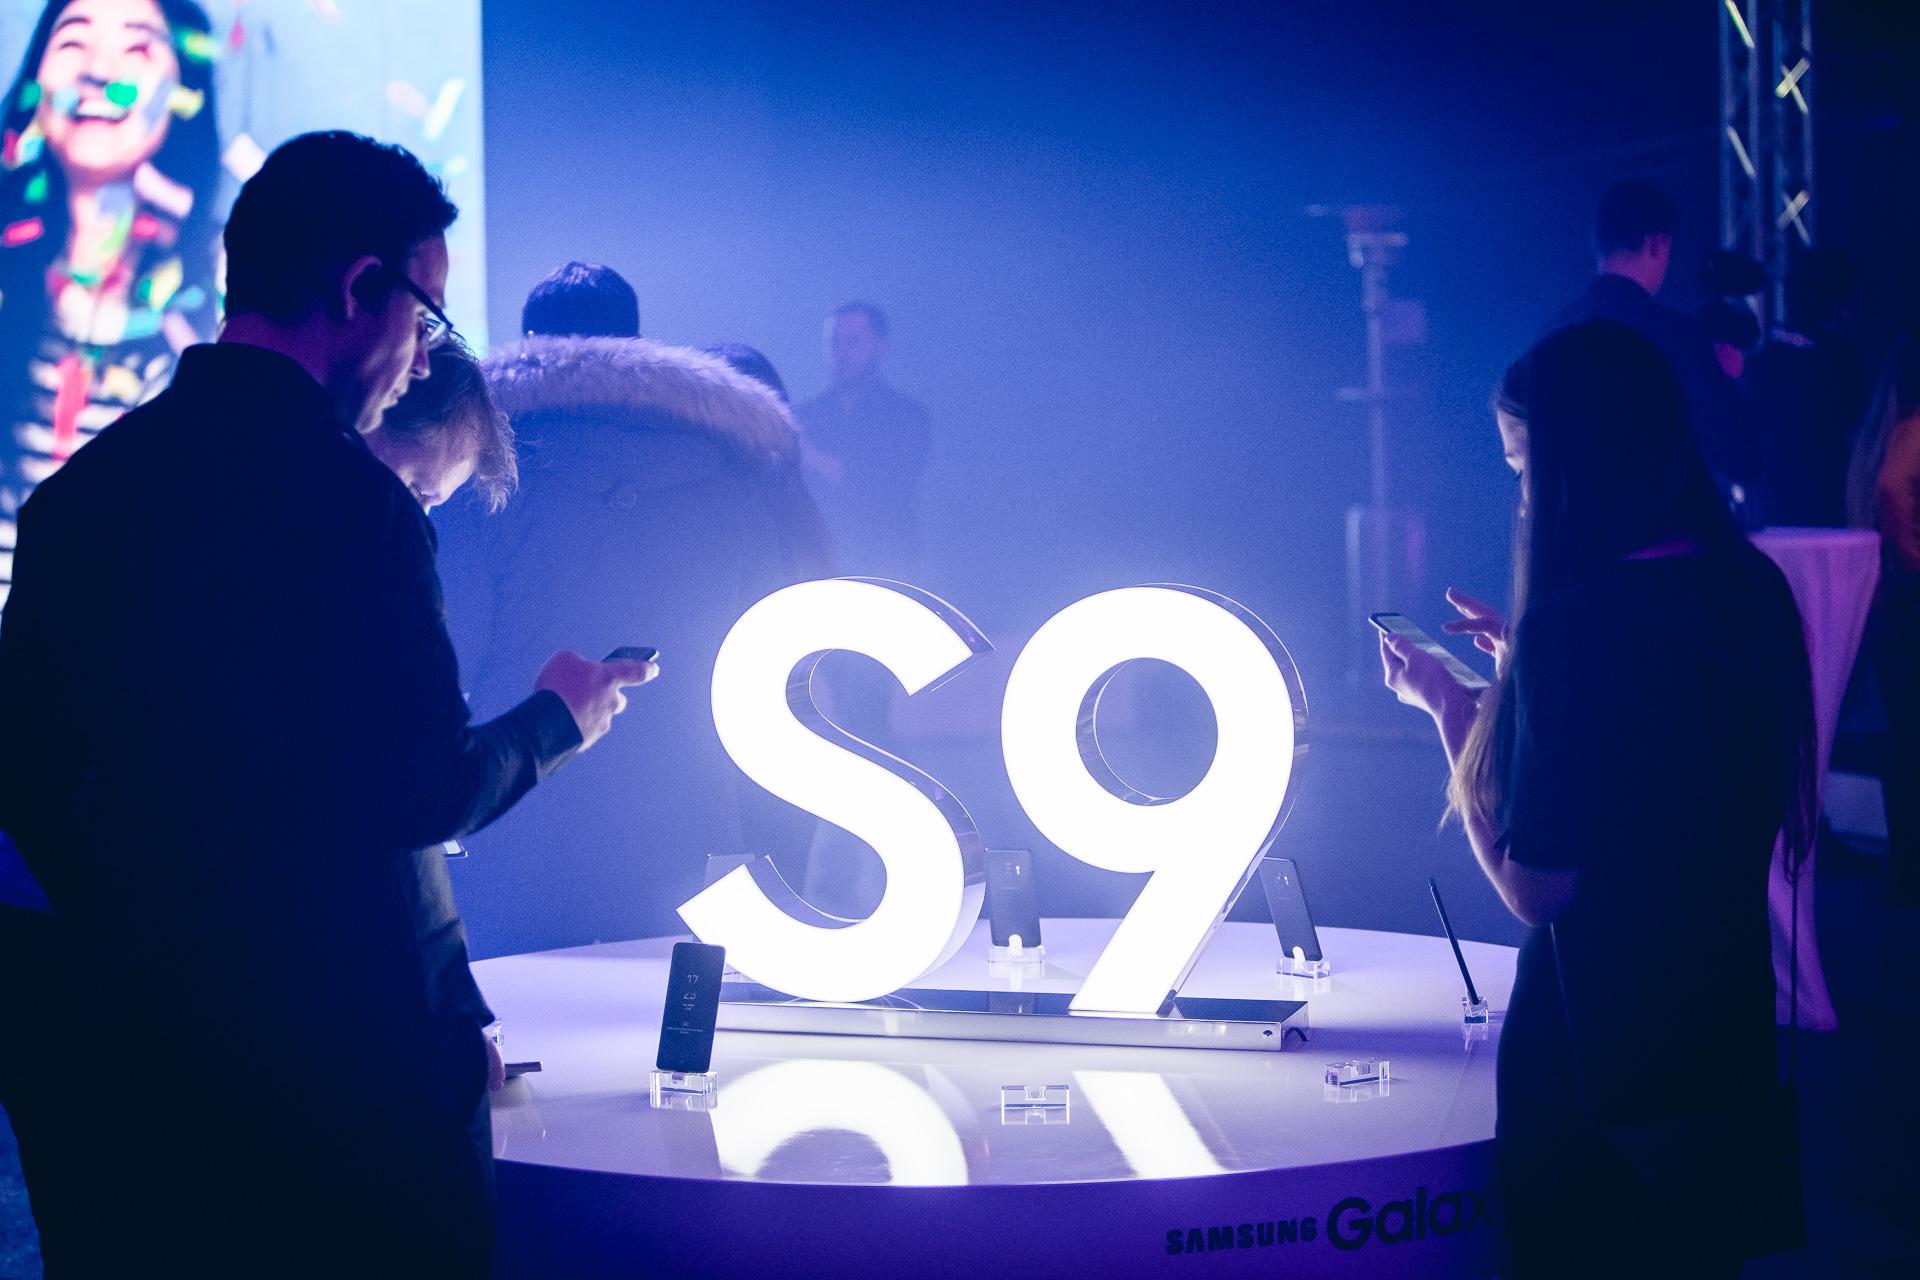 Galaxy S9 un S9+ atklasanas pasakums_8